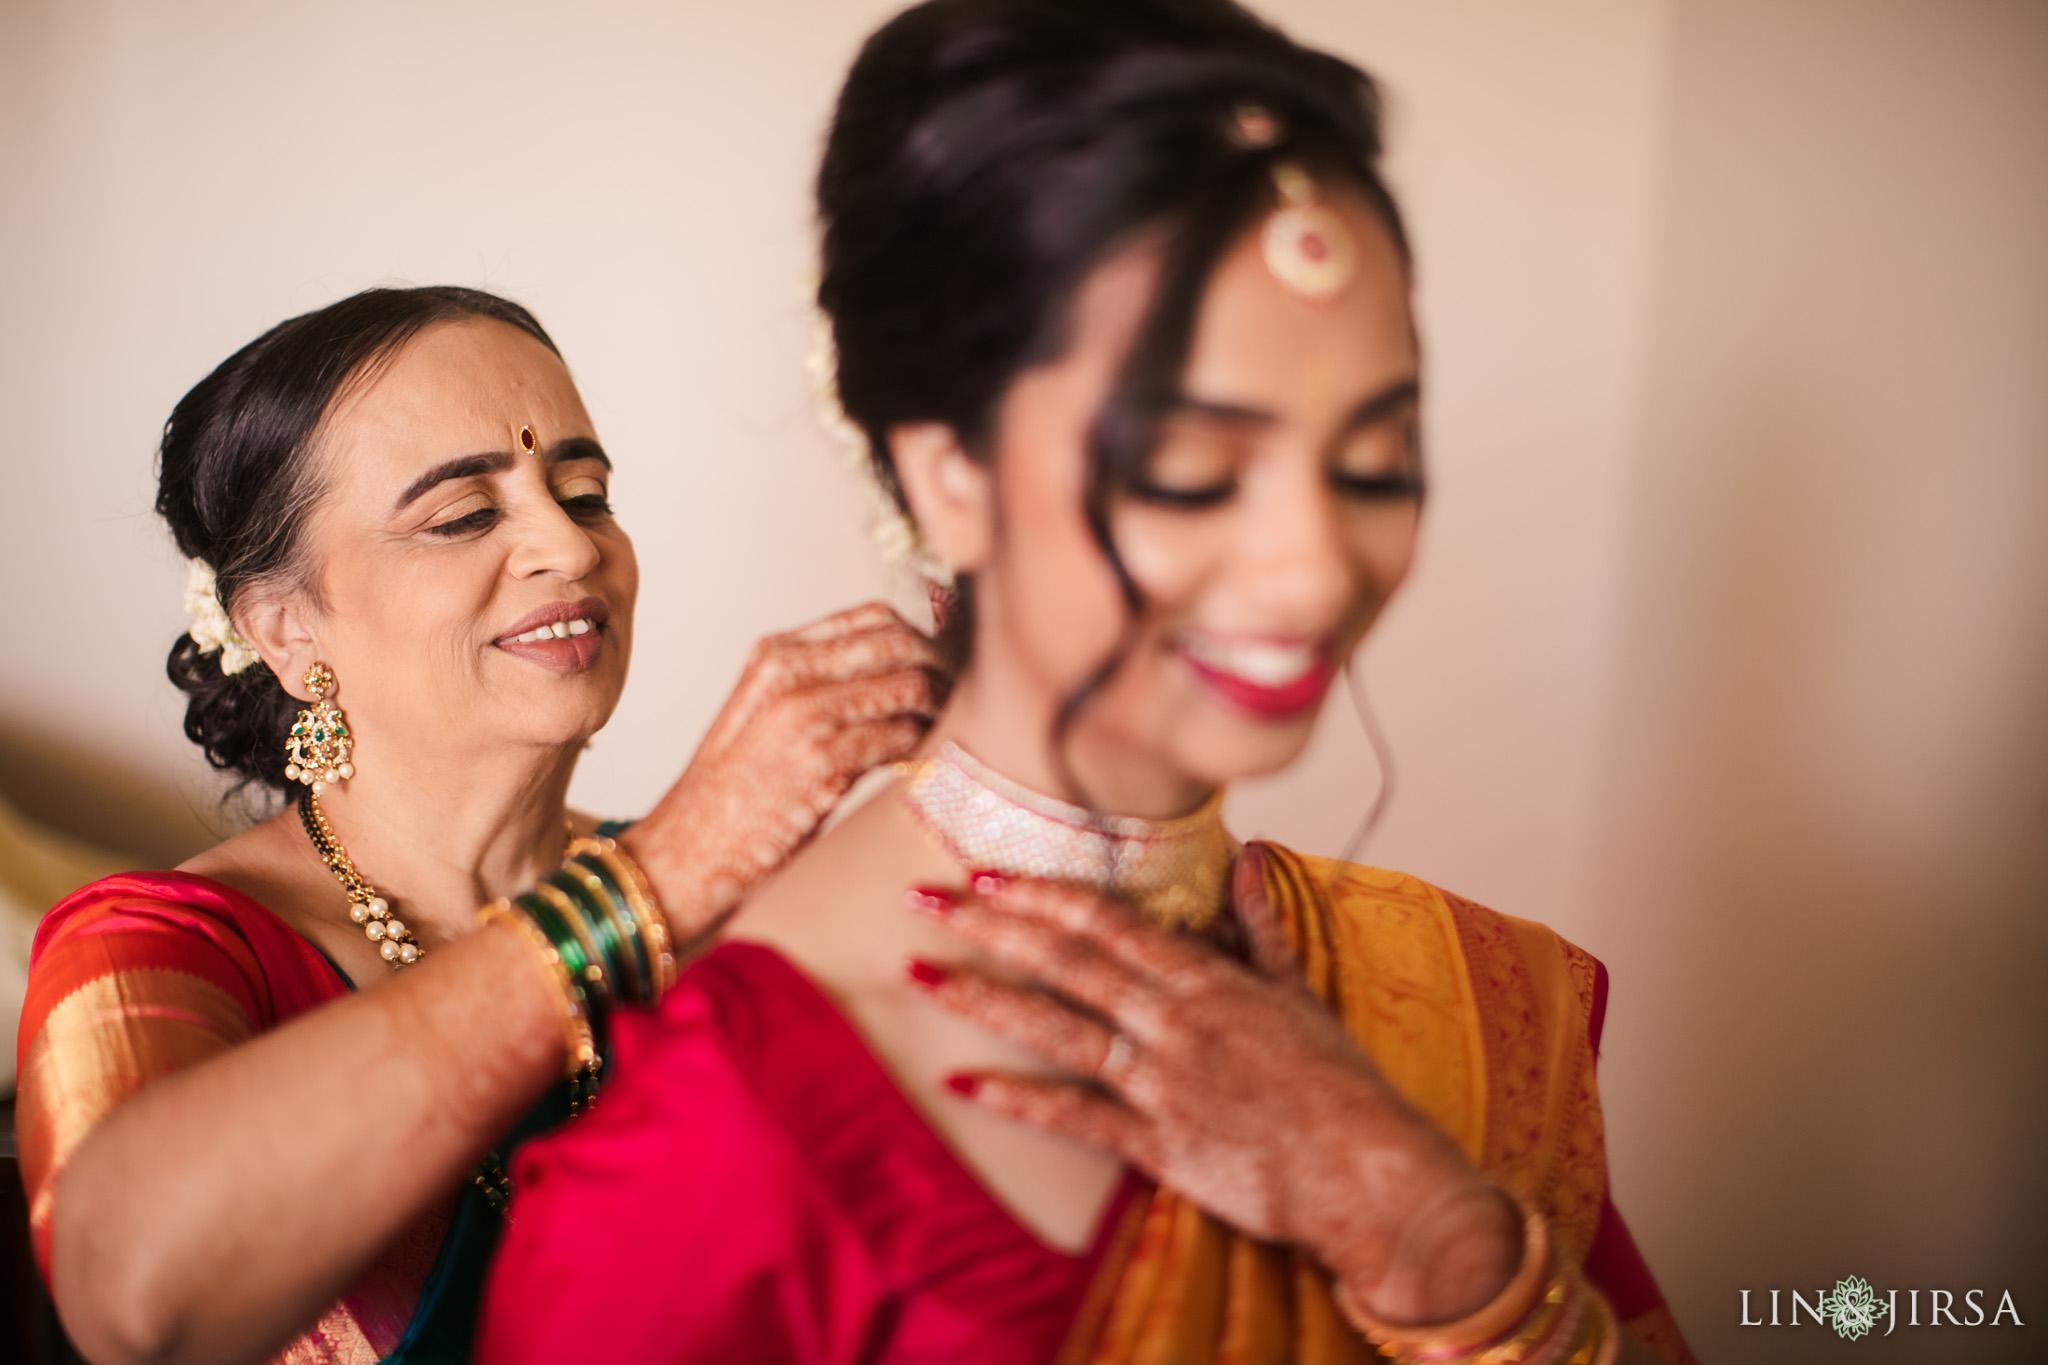 zmsantos Black Gold Golf Course Yorba Linda Indian Wedding Photography